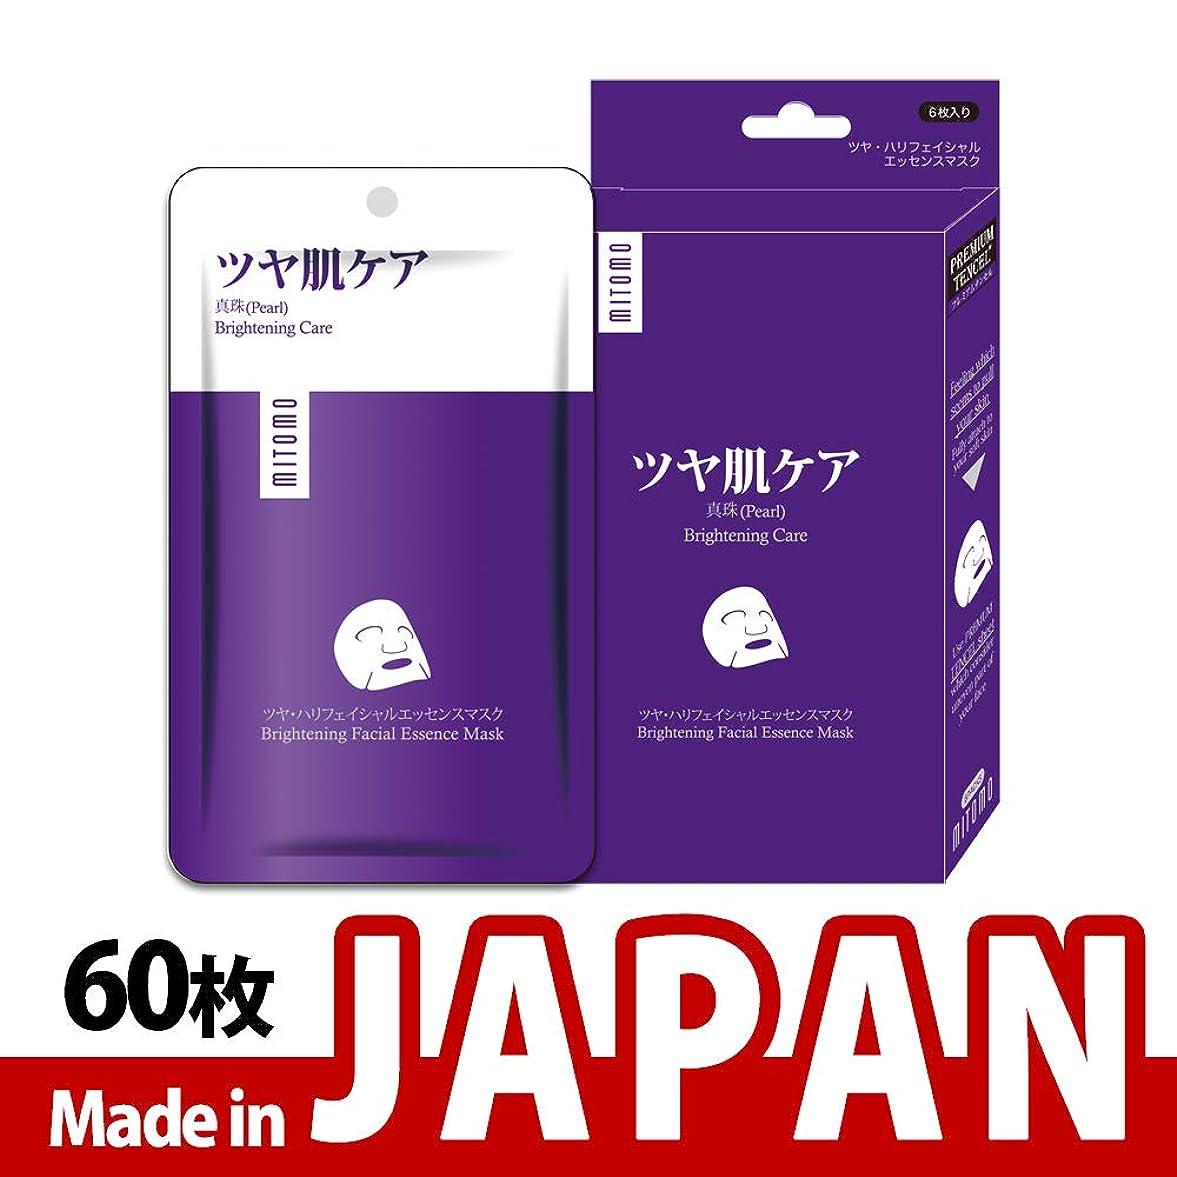 同一性ビジター悪意【HS002-A-2】シートマスク/6枚入り/60枚/美容液/マスクパック/送料無料